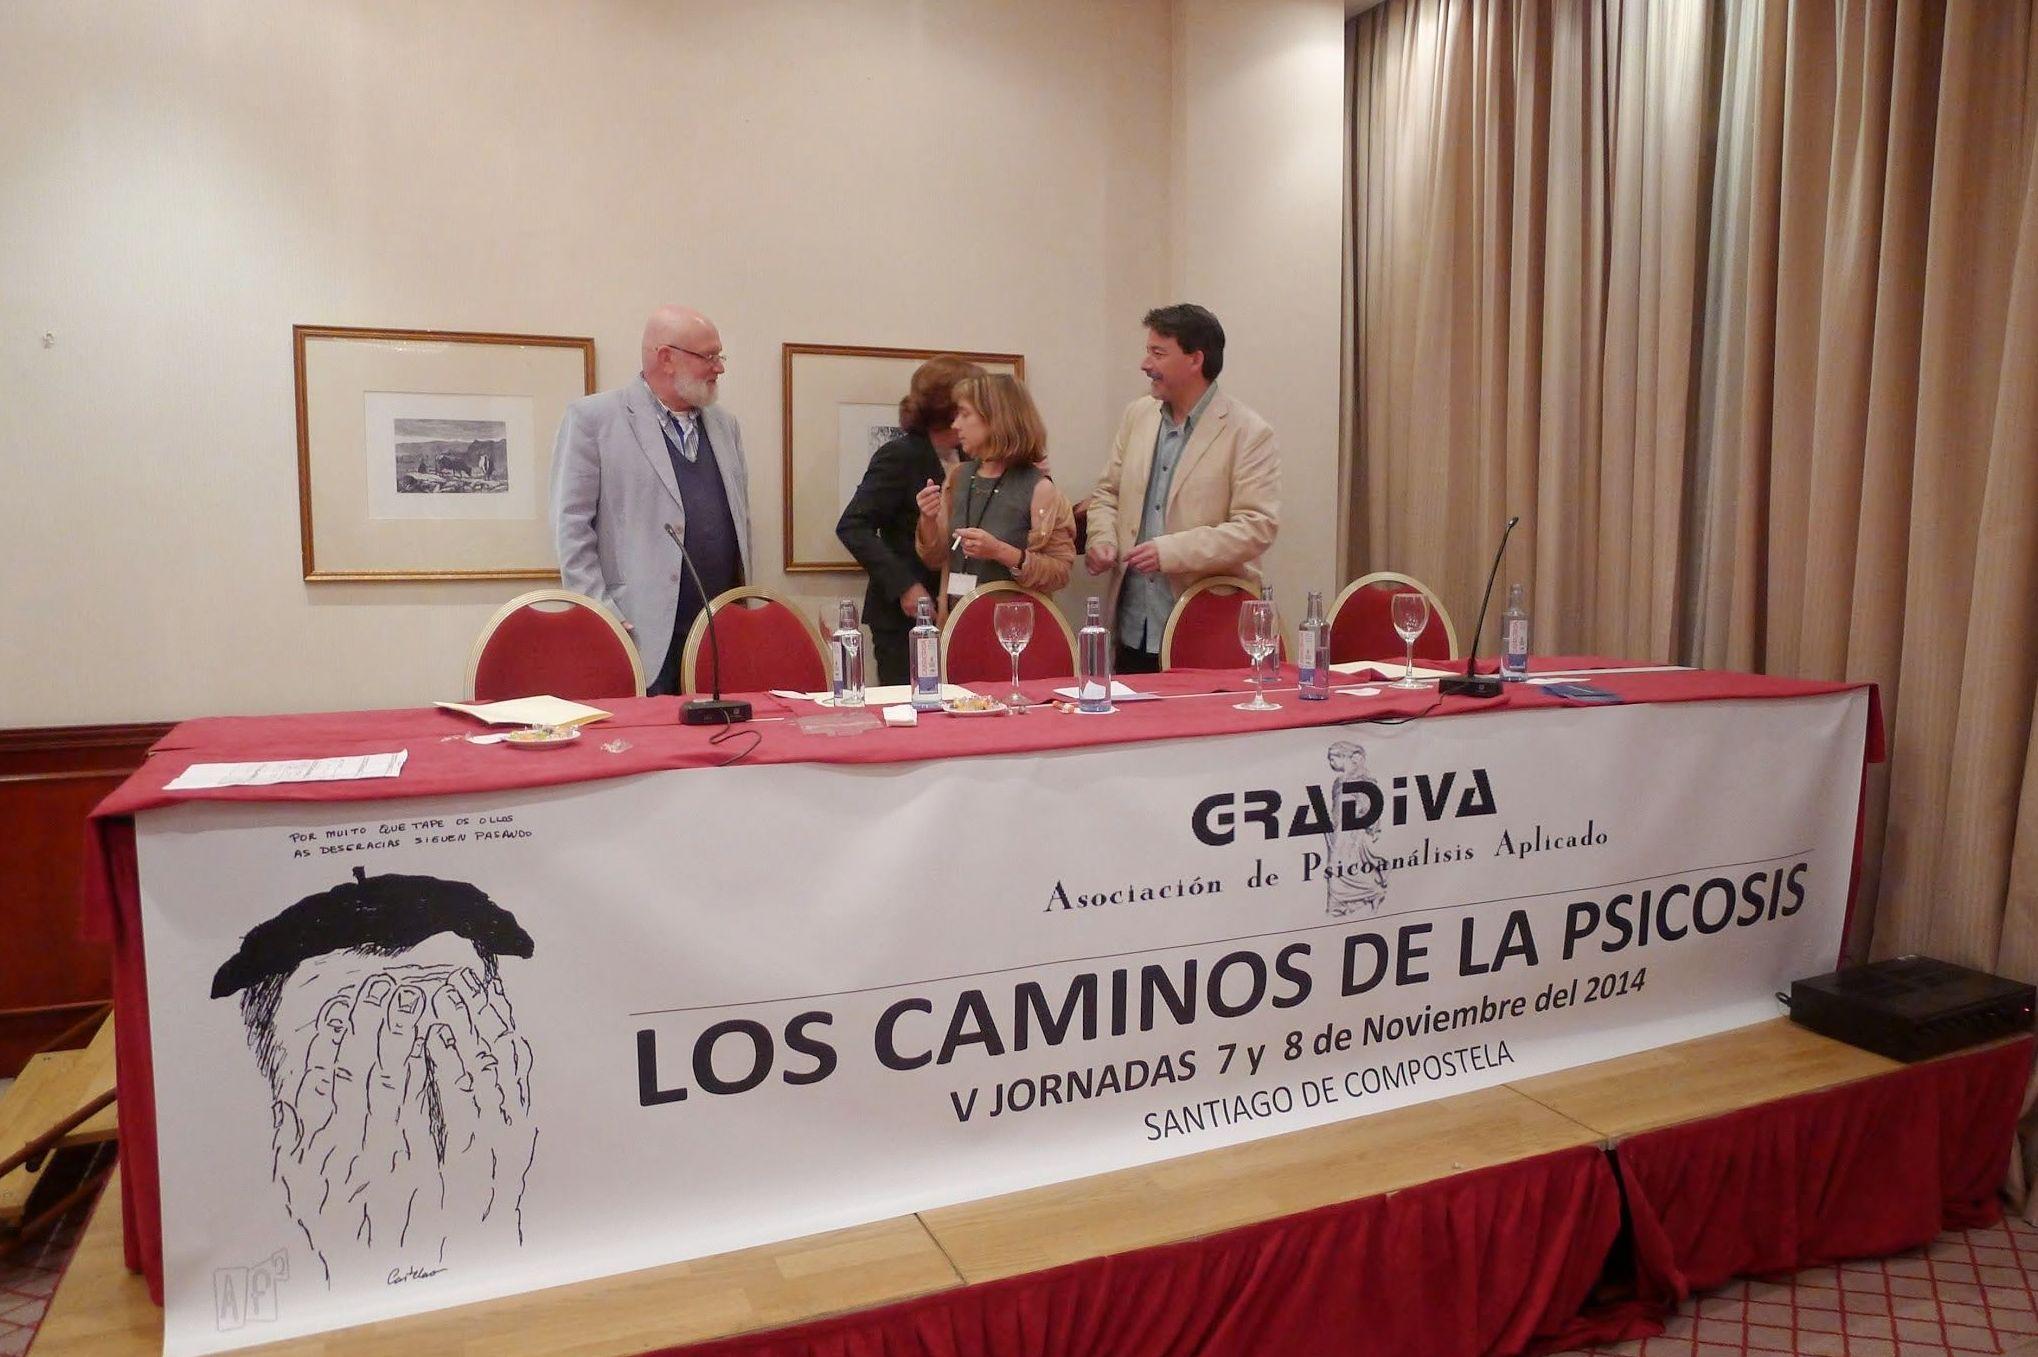 Conferencia sobre psicosis en Santiago de Compostela